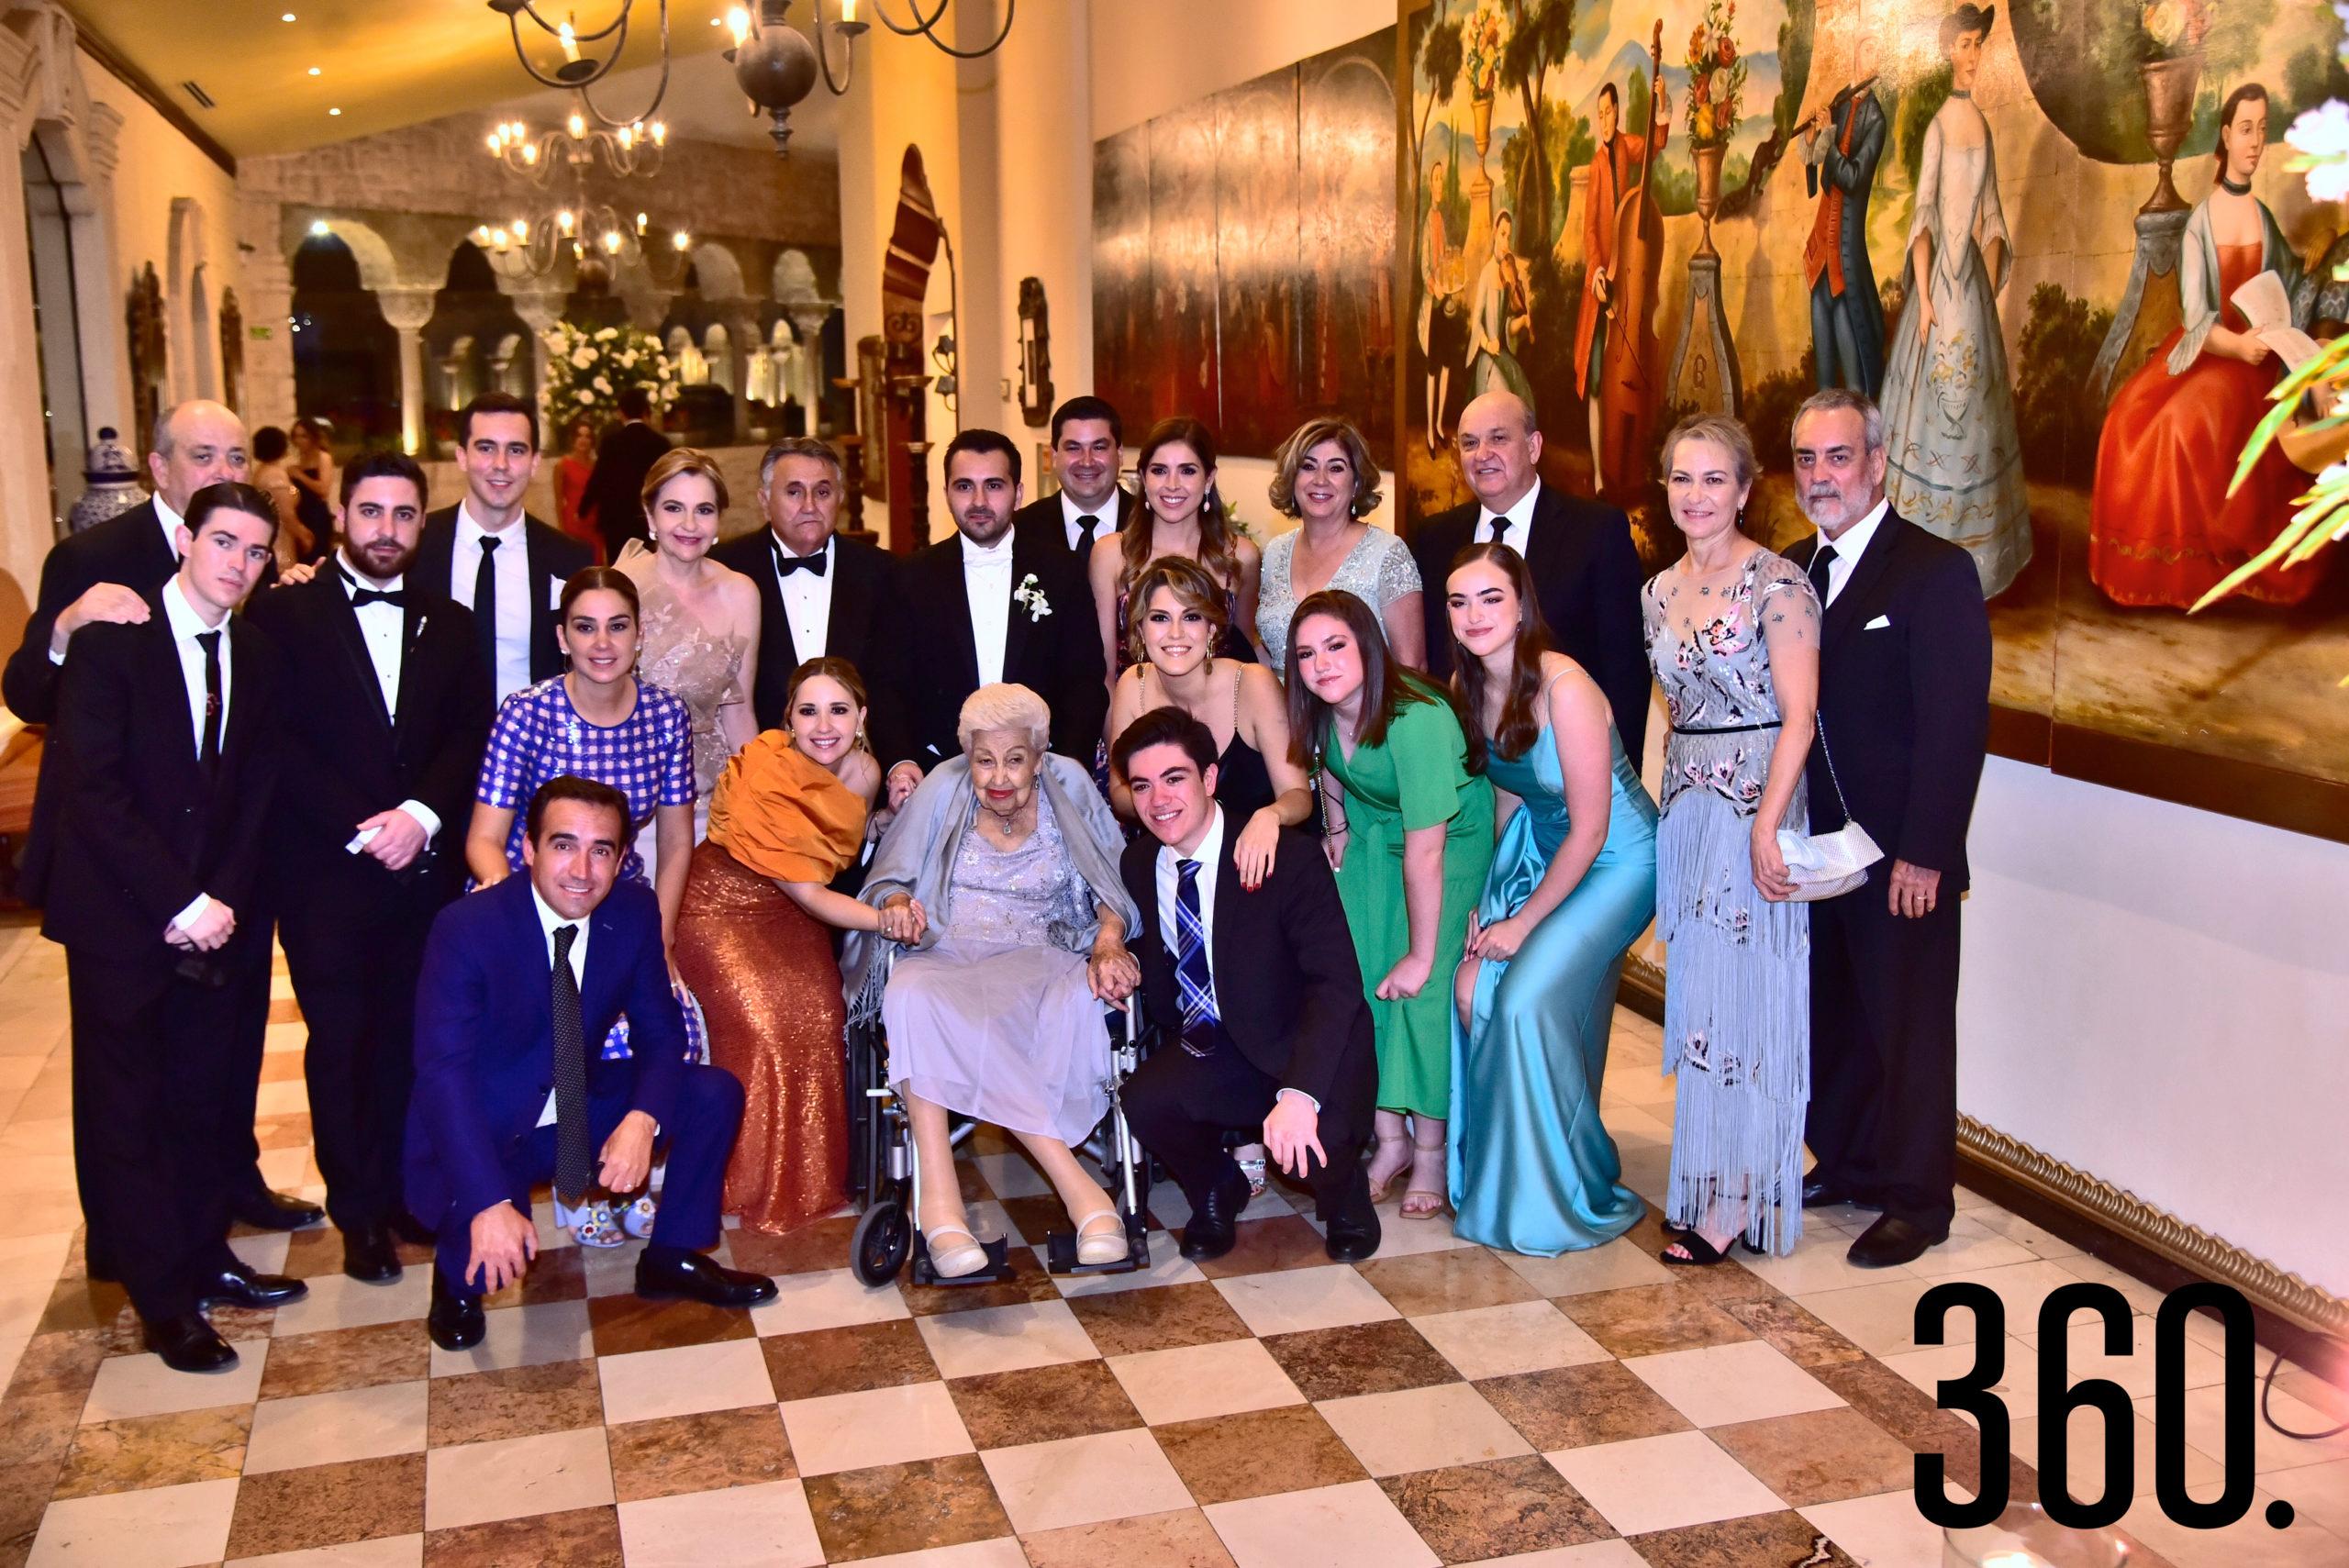 Los Aguirre Farías con sus respectivas familias estuvieron presentes en el enlace matrimonial.